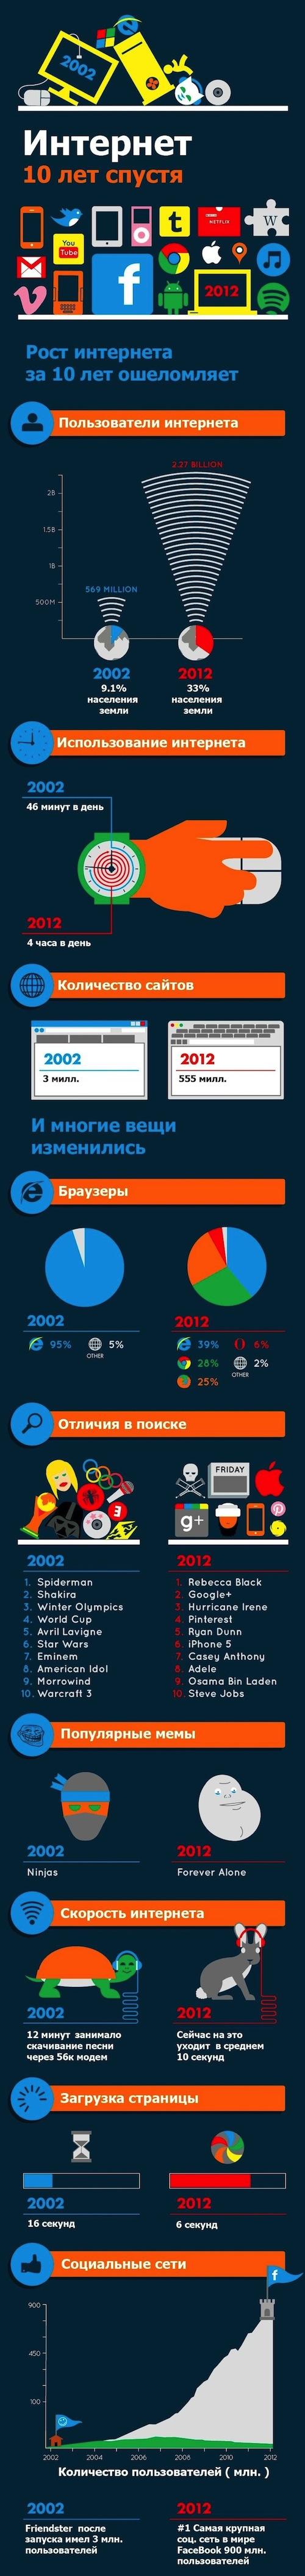 Как изменился мир интернета за 10 лет (1 картинка)